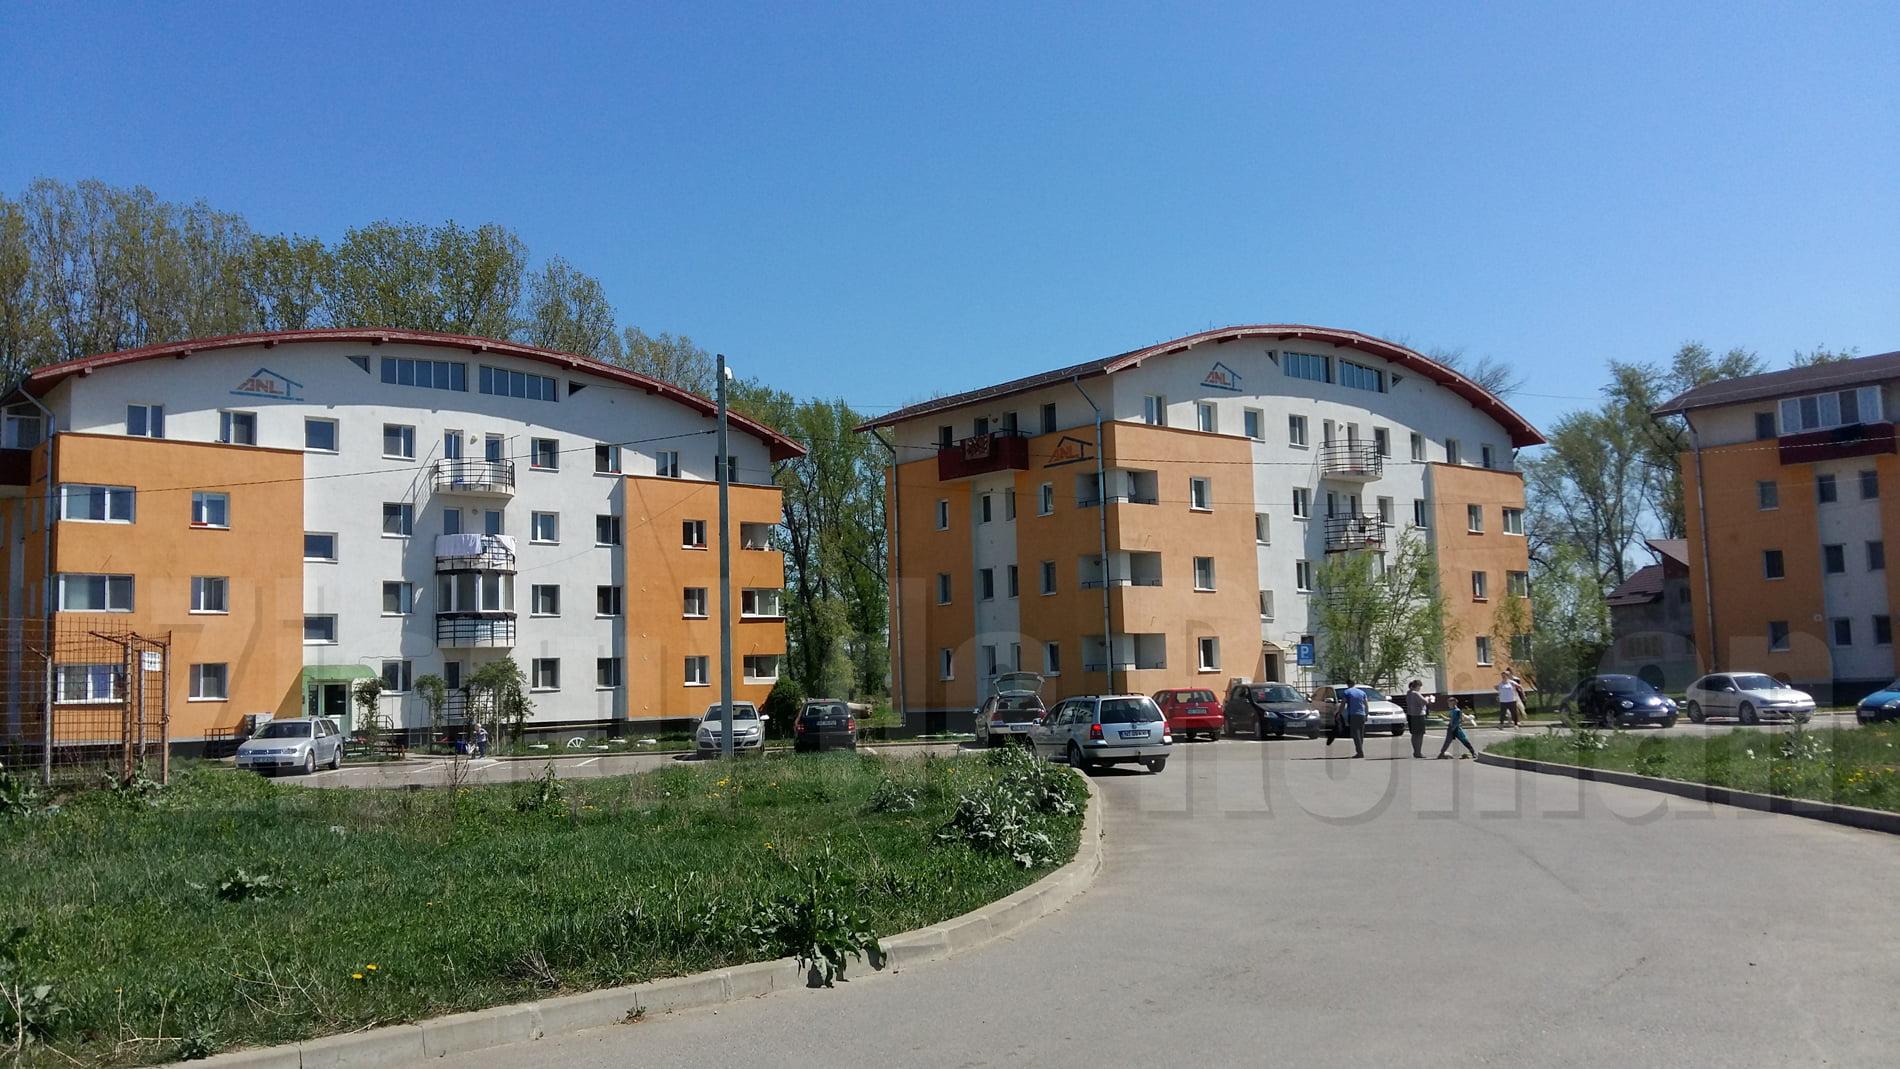 3,2 milioane de lei pentru un bloc ANL destinat personalului medical, în cartierul Vasile Lupu